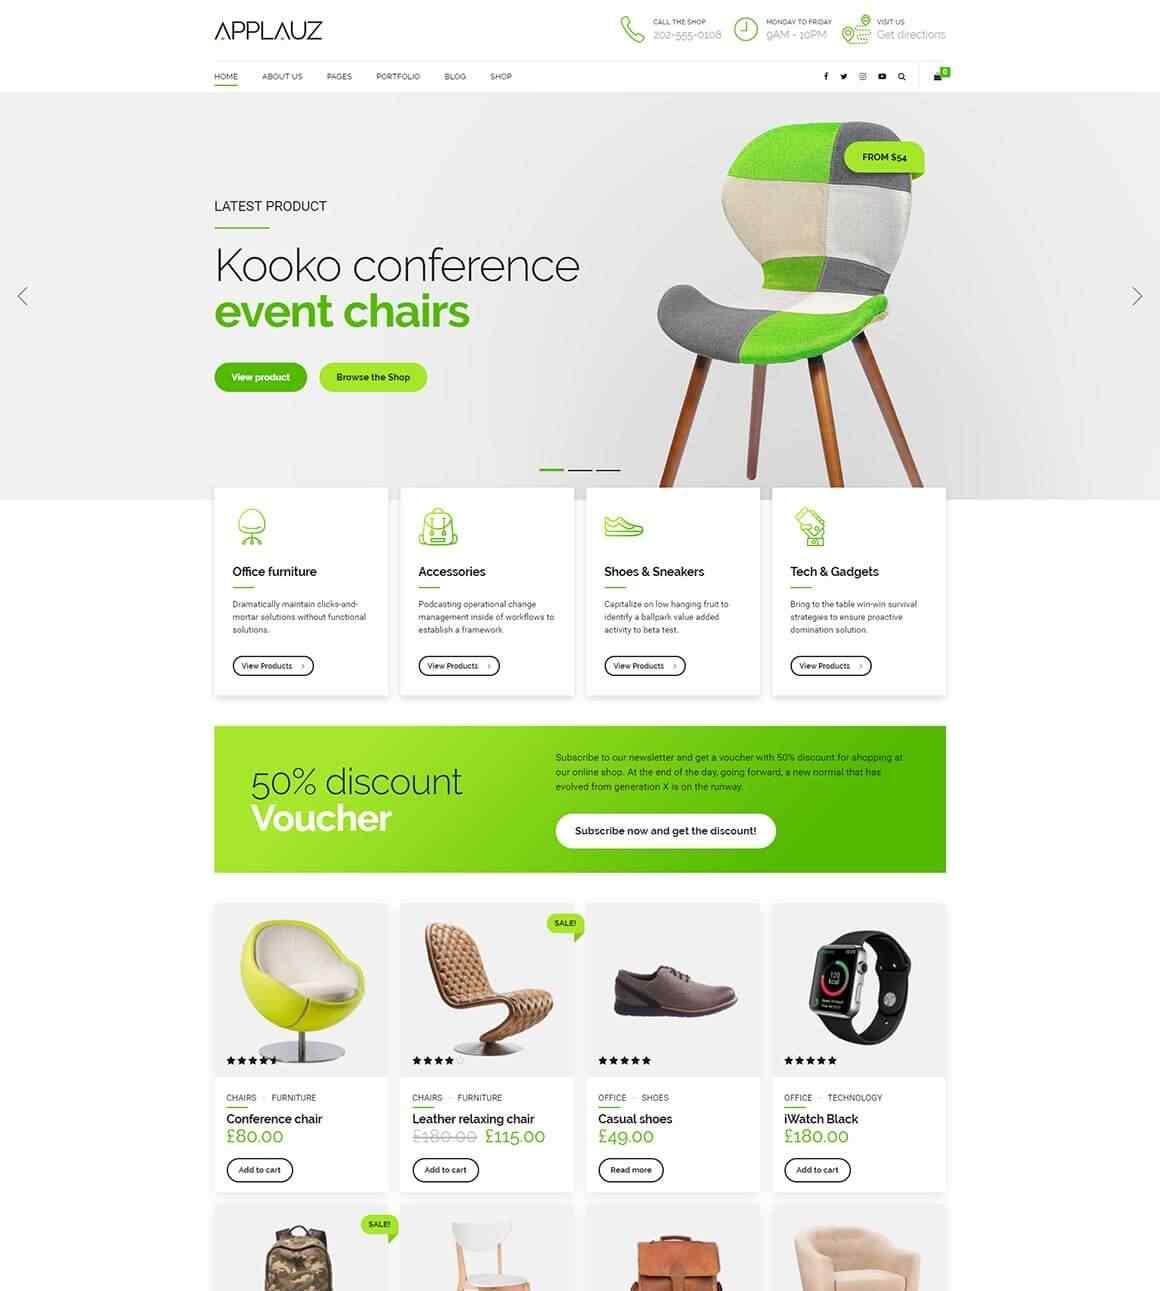 https://kroordirost.ru/wp-content/uploads/2017/11/Screenshot-Shop.jpg